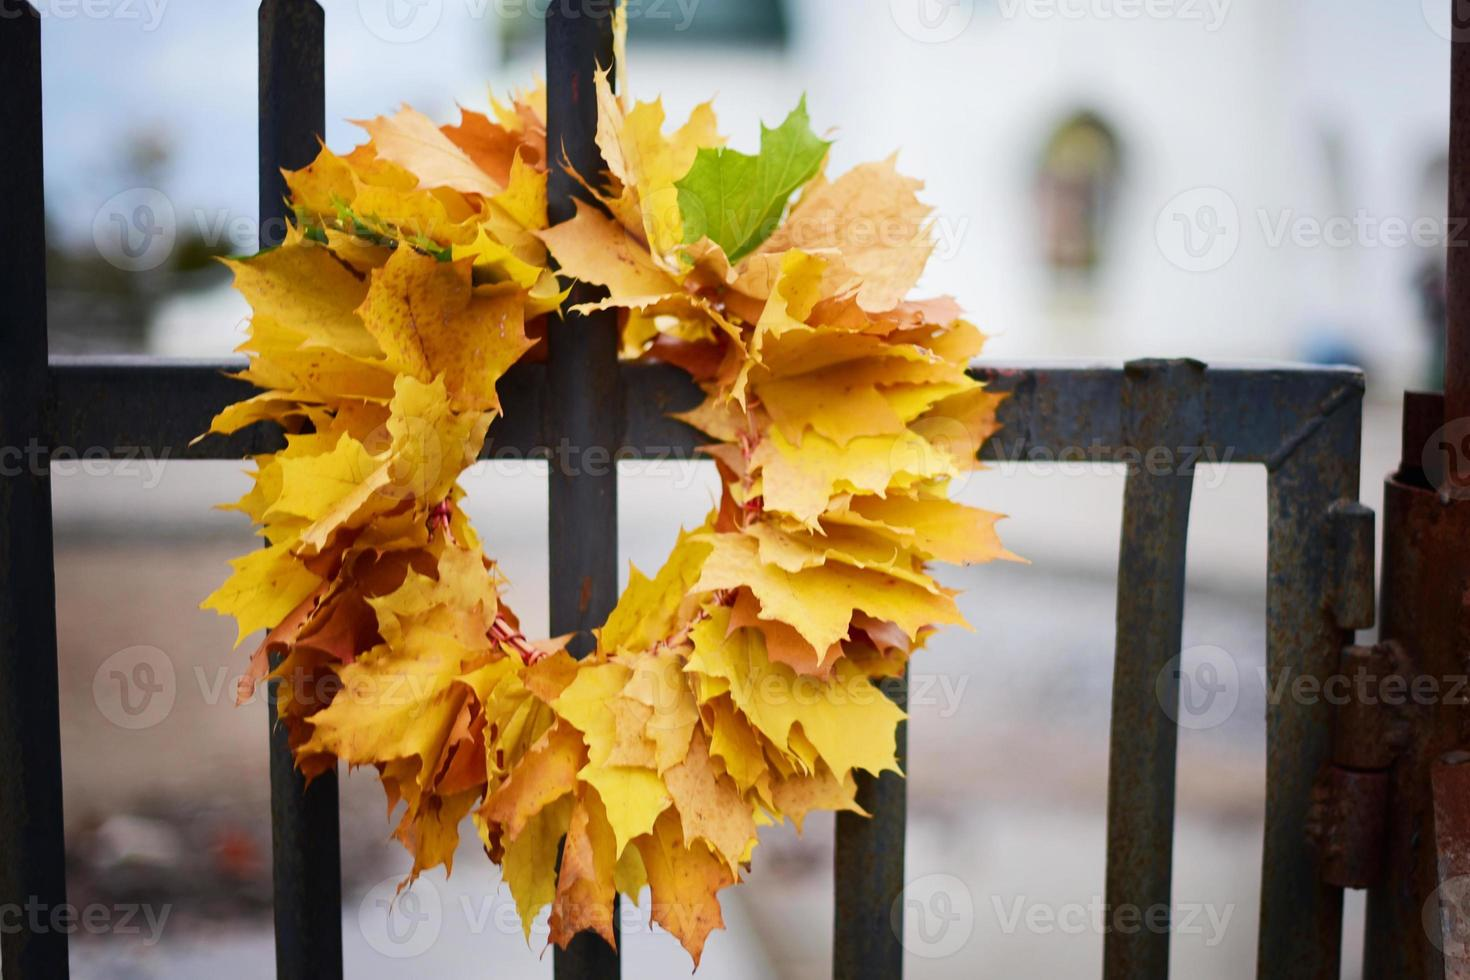 ghirlanda di foglie d'autunno foto